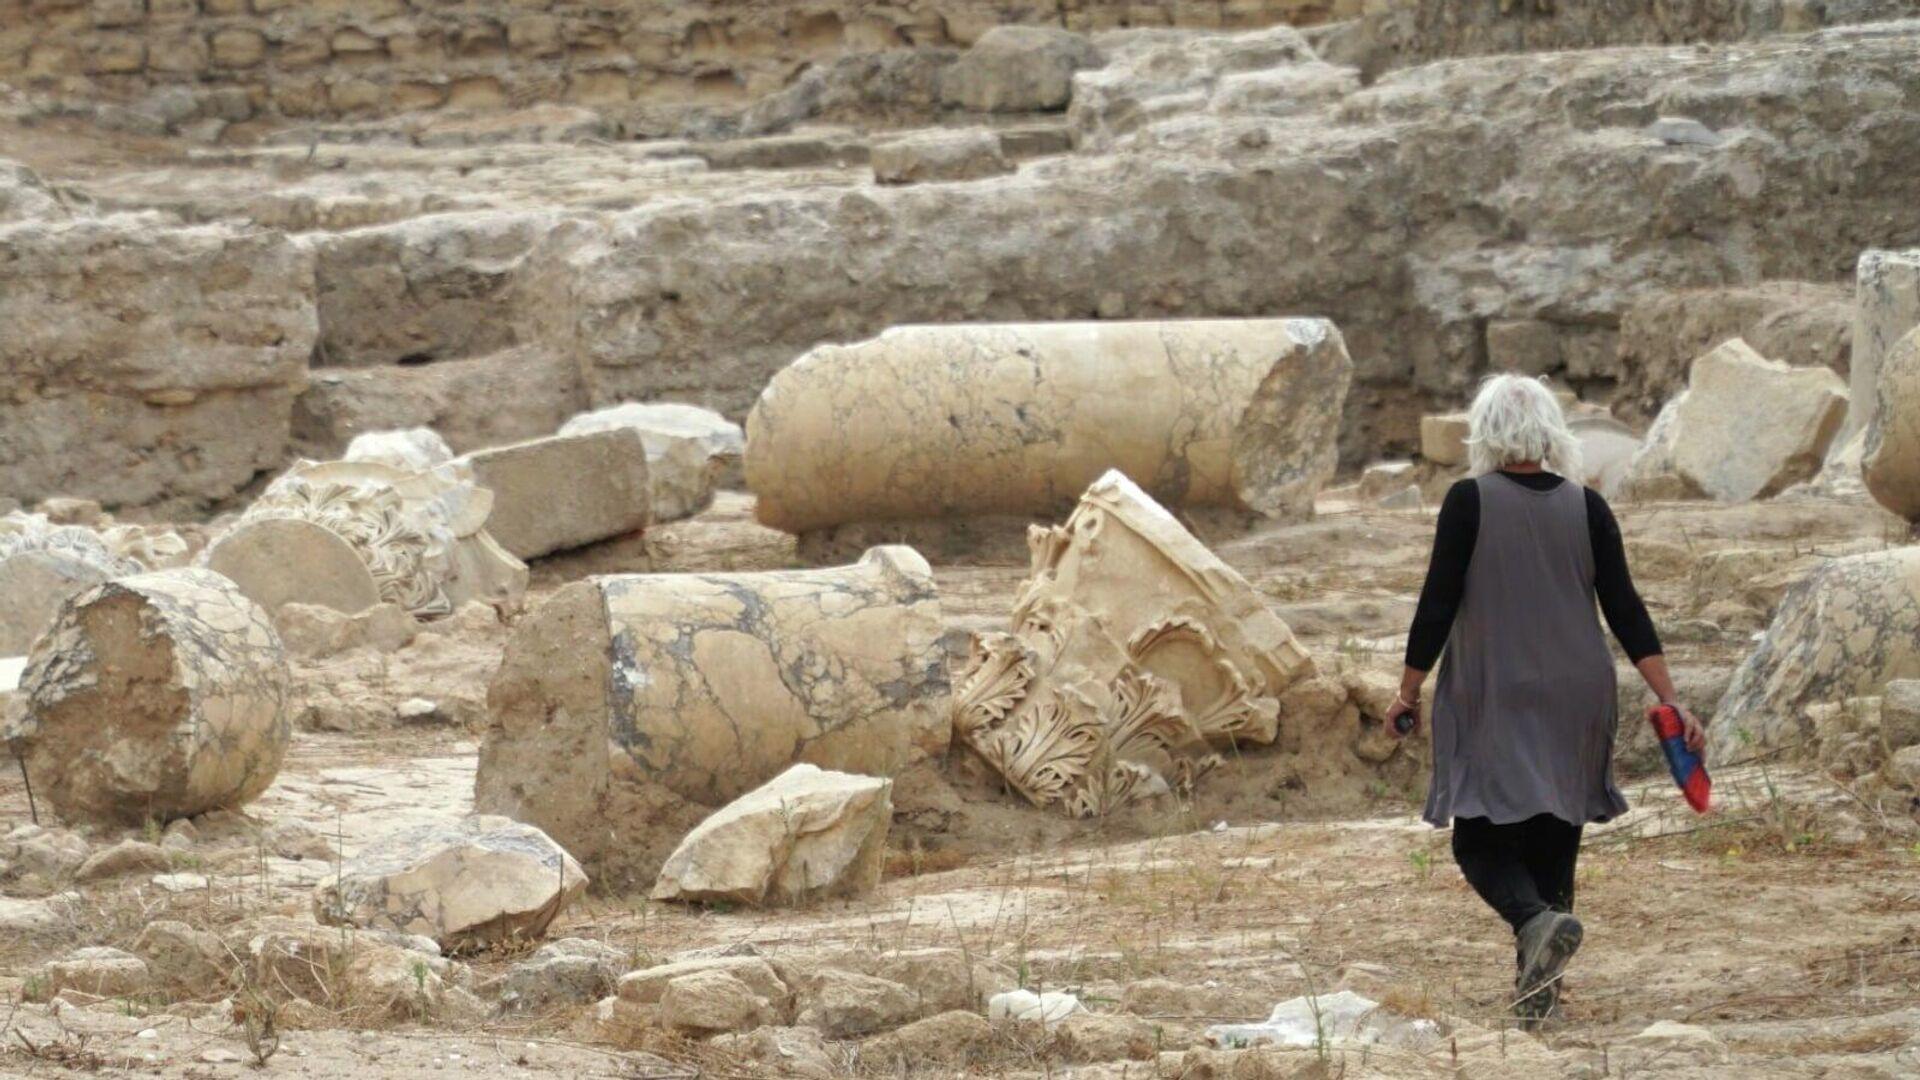 Базилика времен римского правления обнаружена в ходе работ по развитию национального парка Тель-Ашкелон в Израиле - РИА Новости, 1920, 31.05.2021